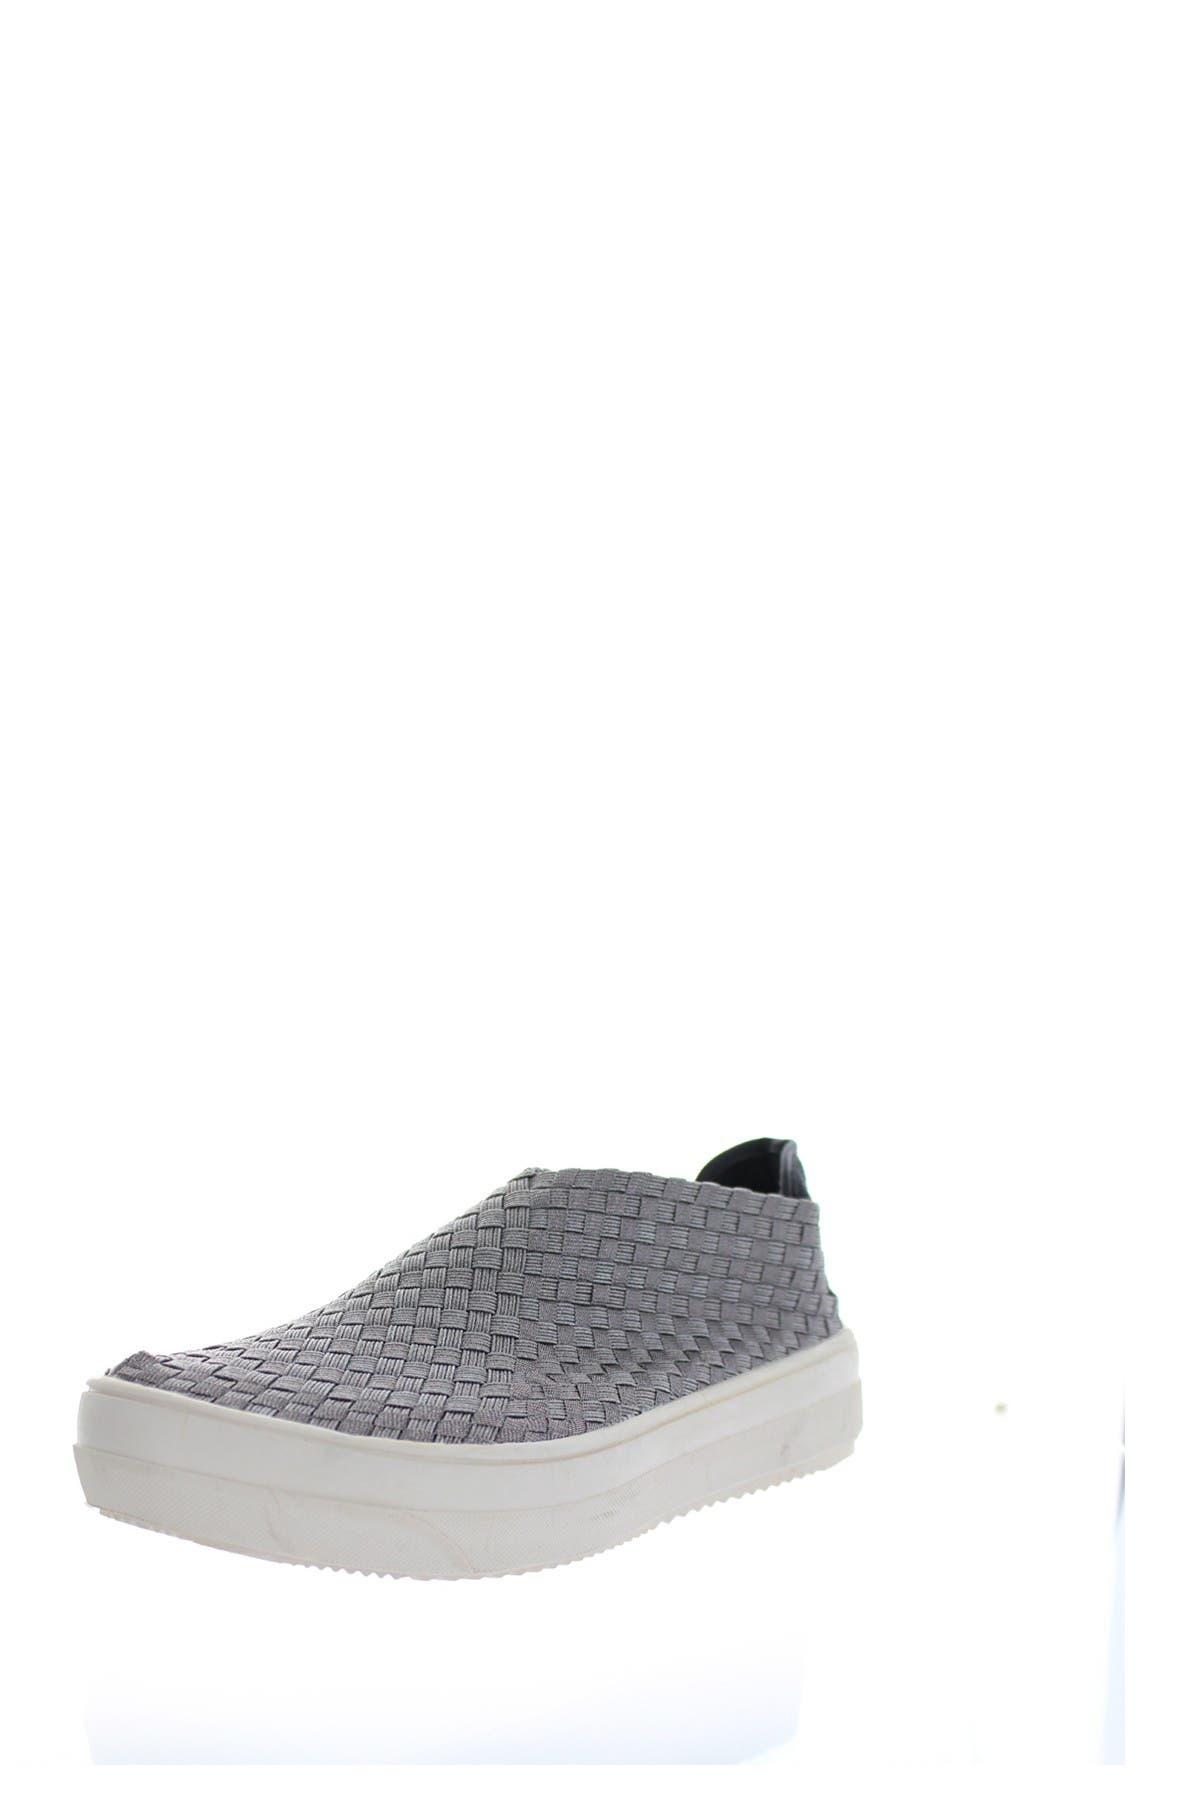 Image of Bernie Mev Mid Amethyst Slip-On Sneaker